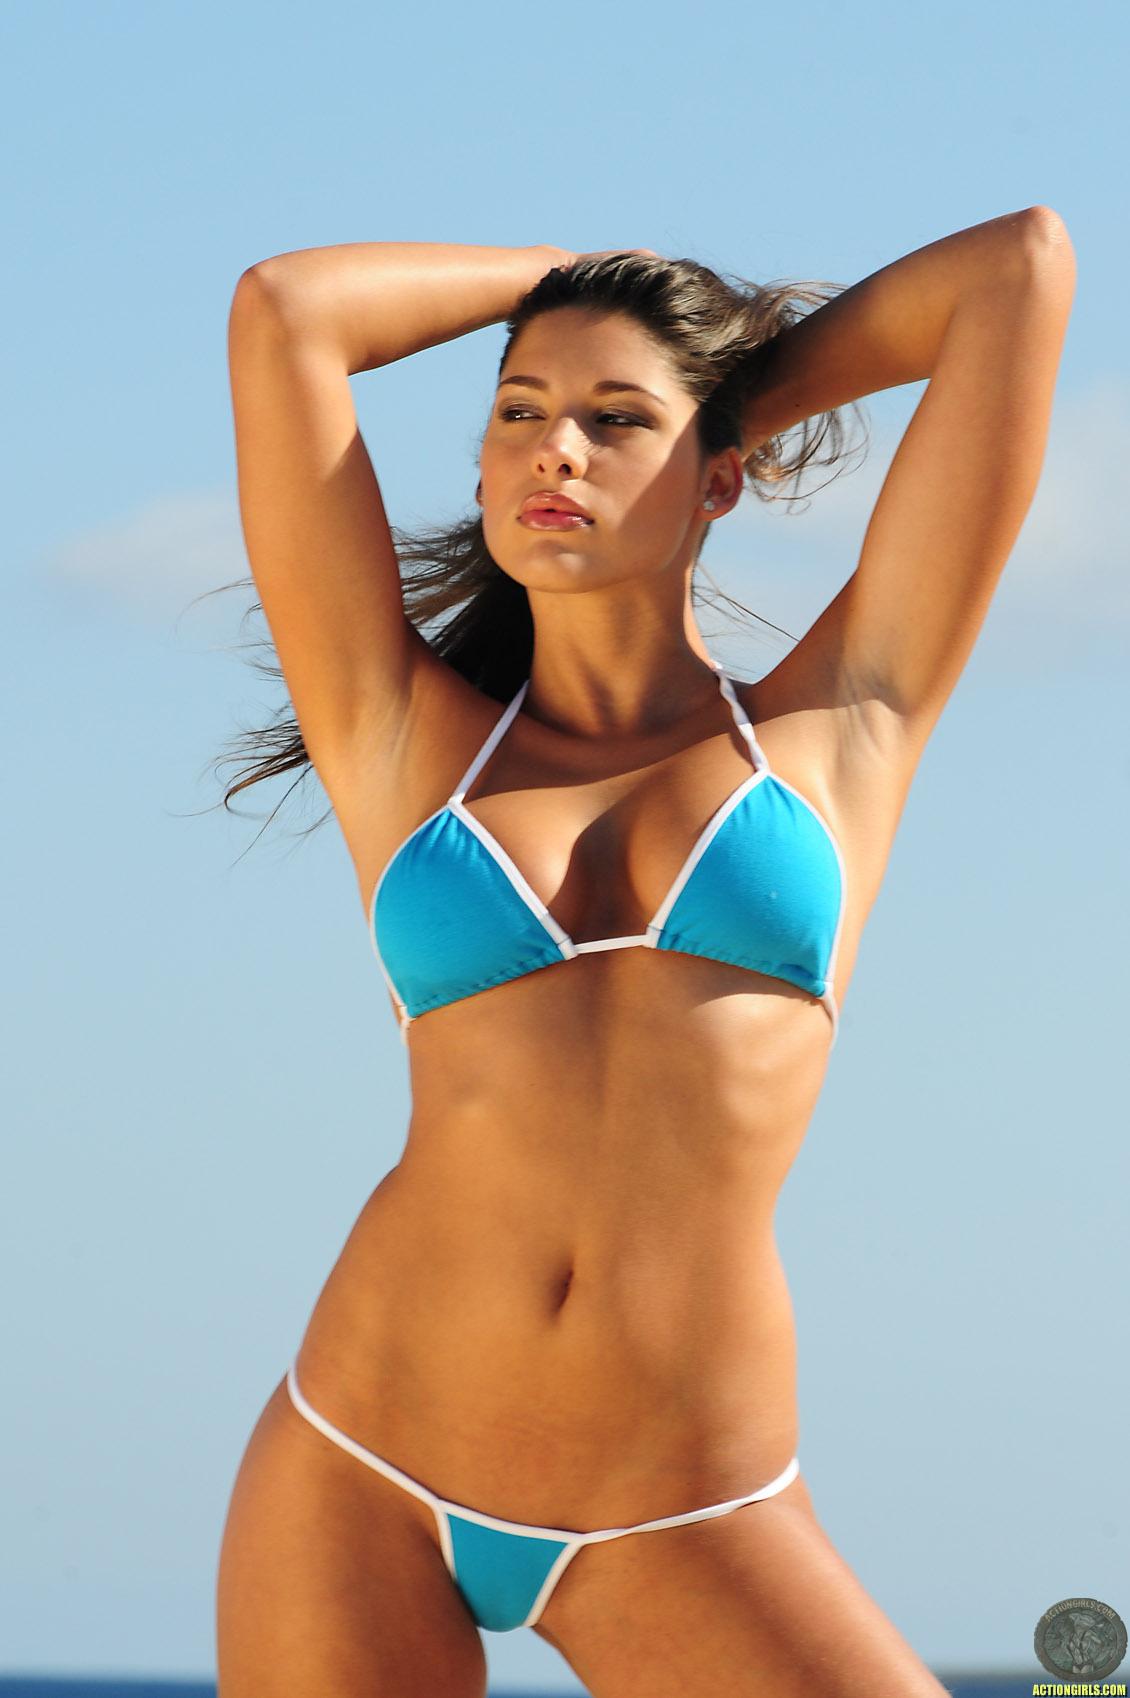 Bikini zafira nude